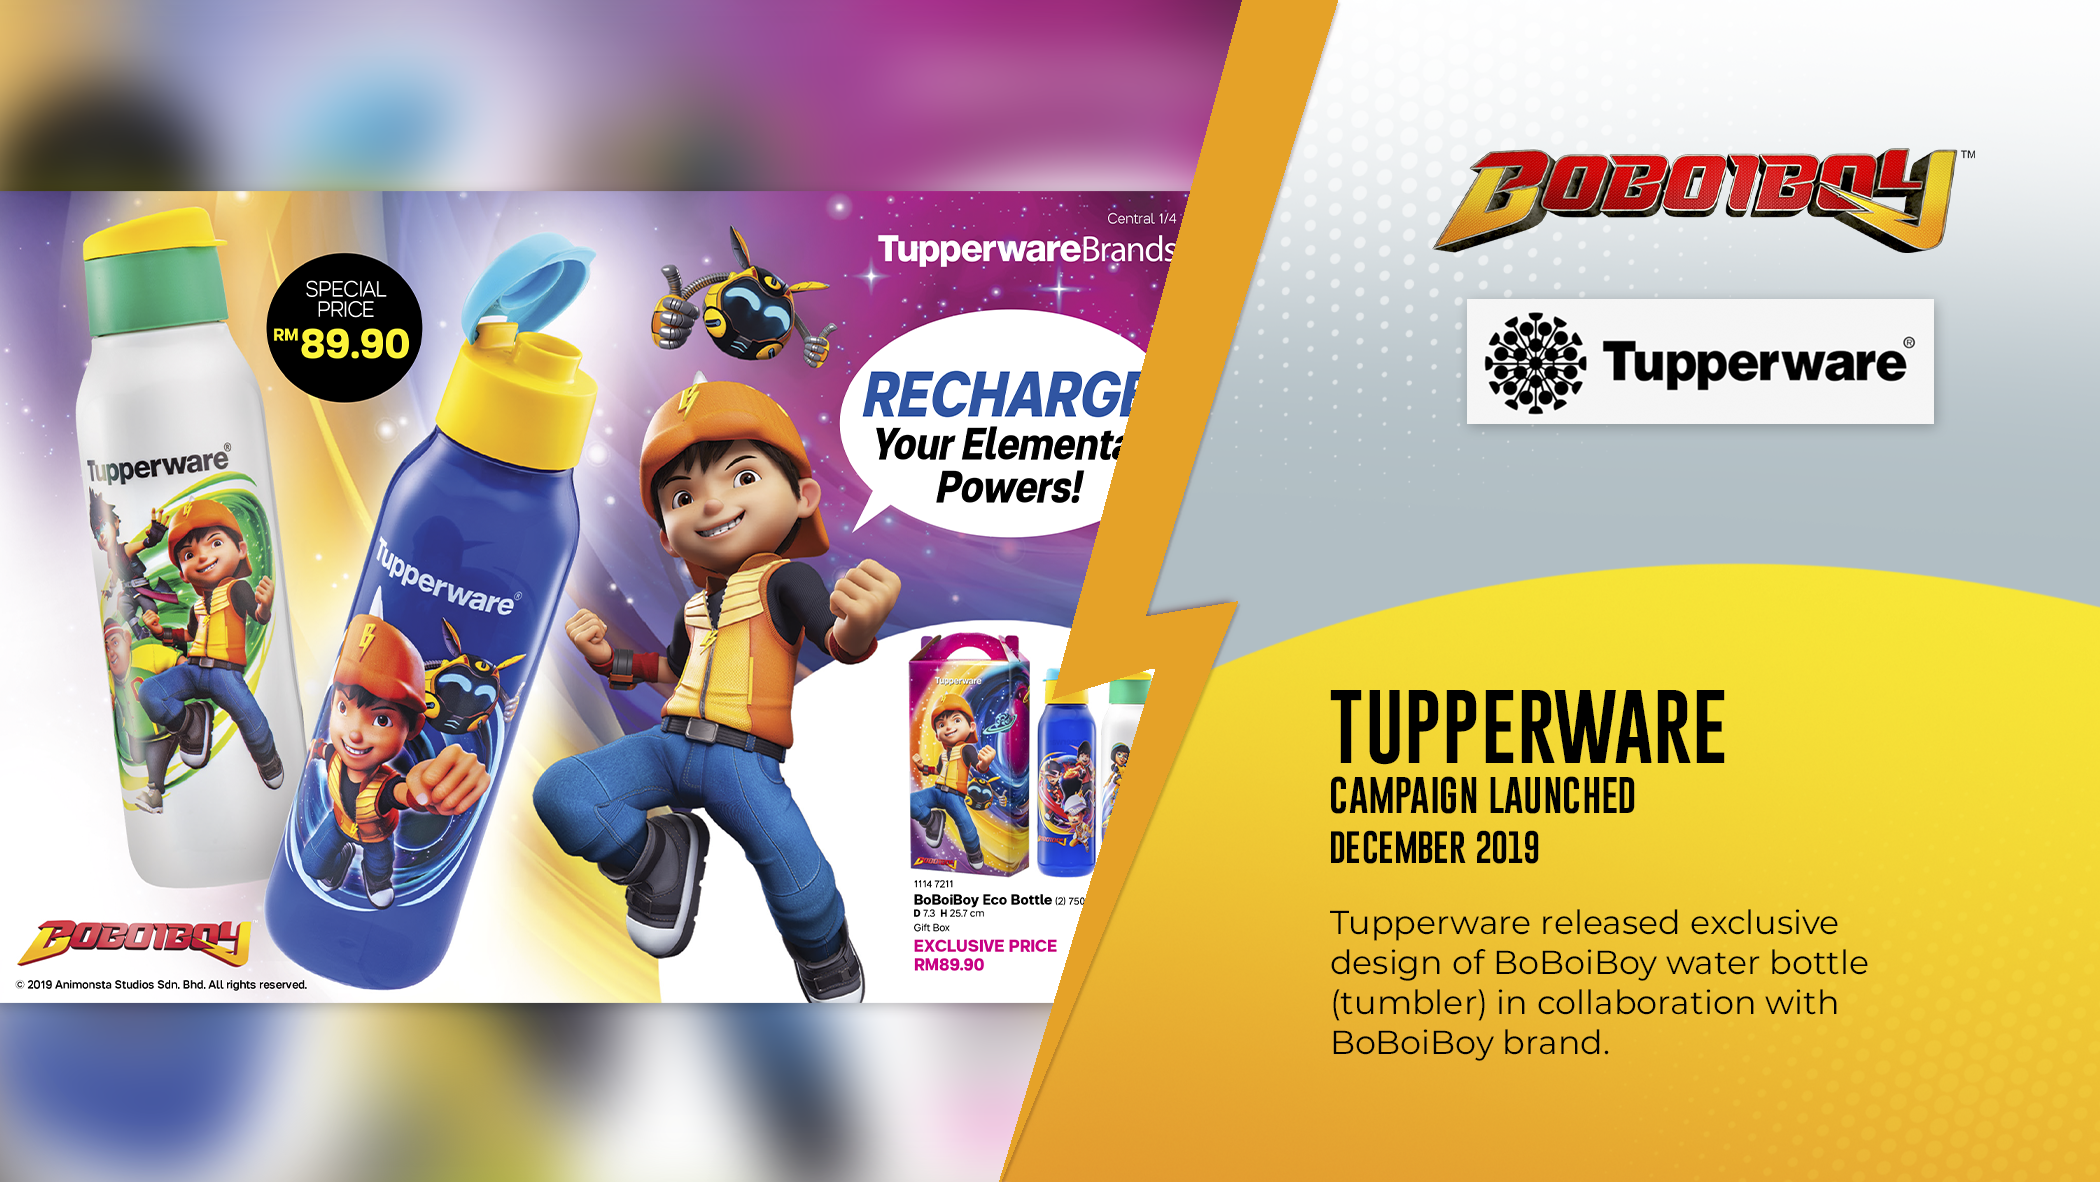 Marketing-Tupperware